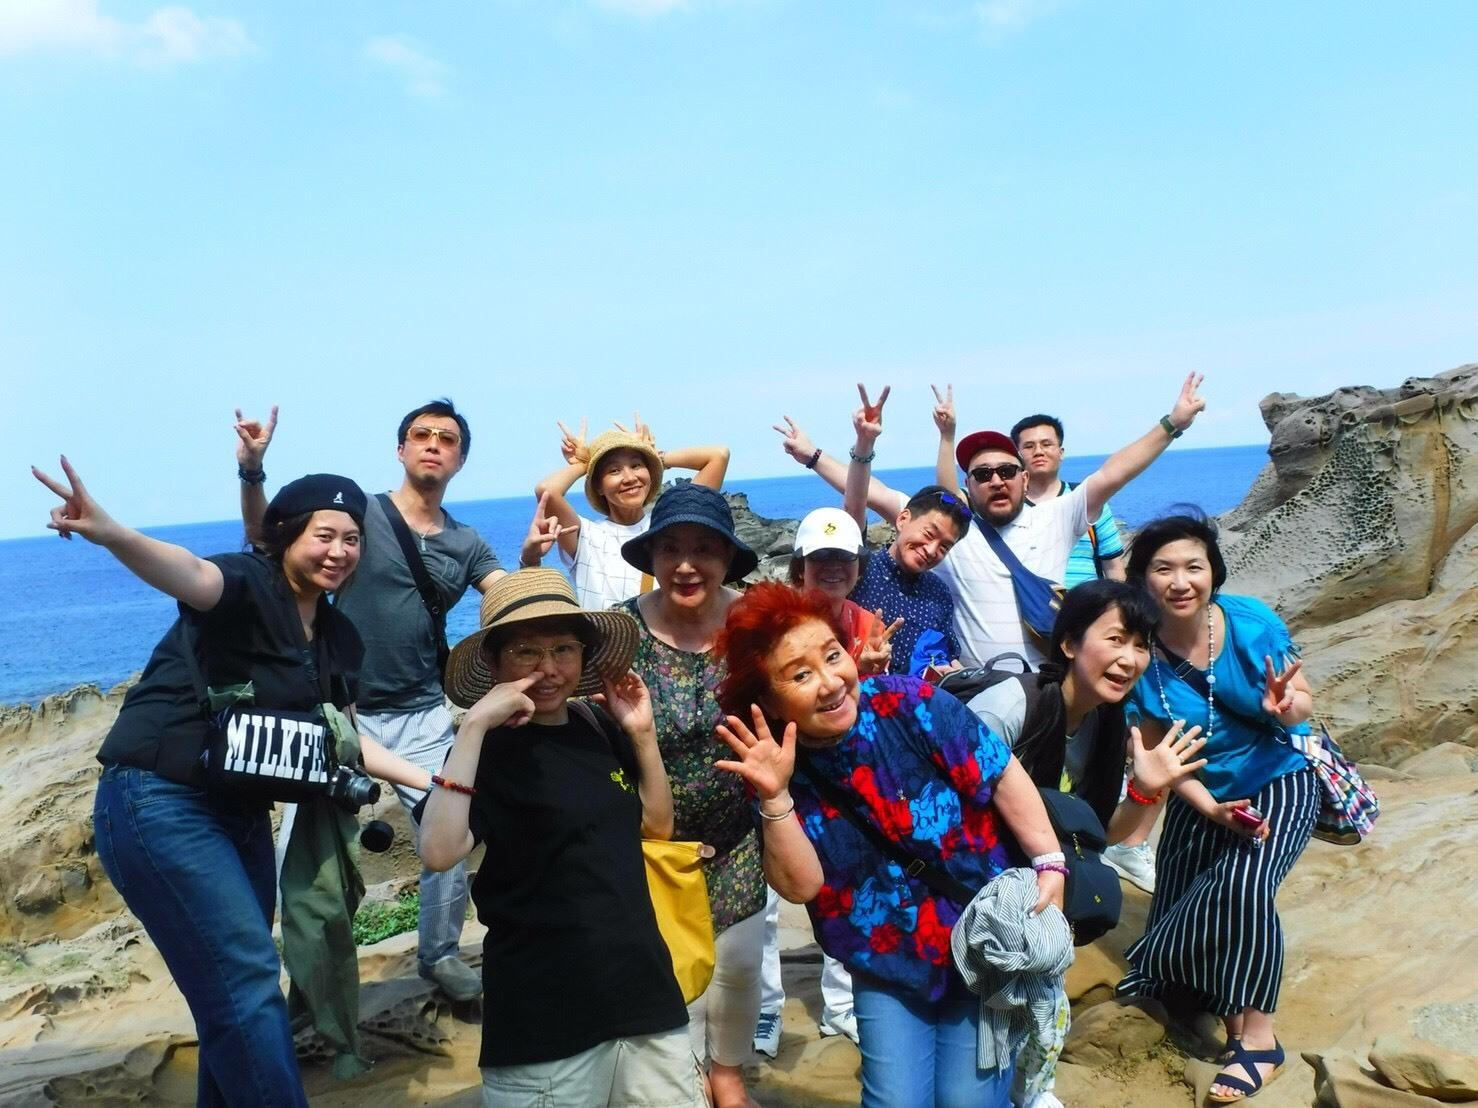 日本の声優と台湾高雄の友好_a0163623_22144780.jpg